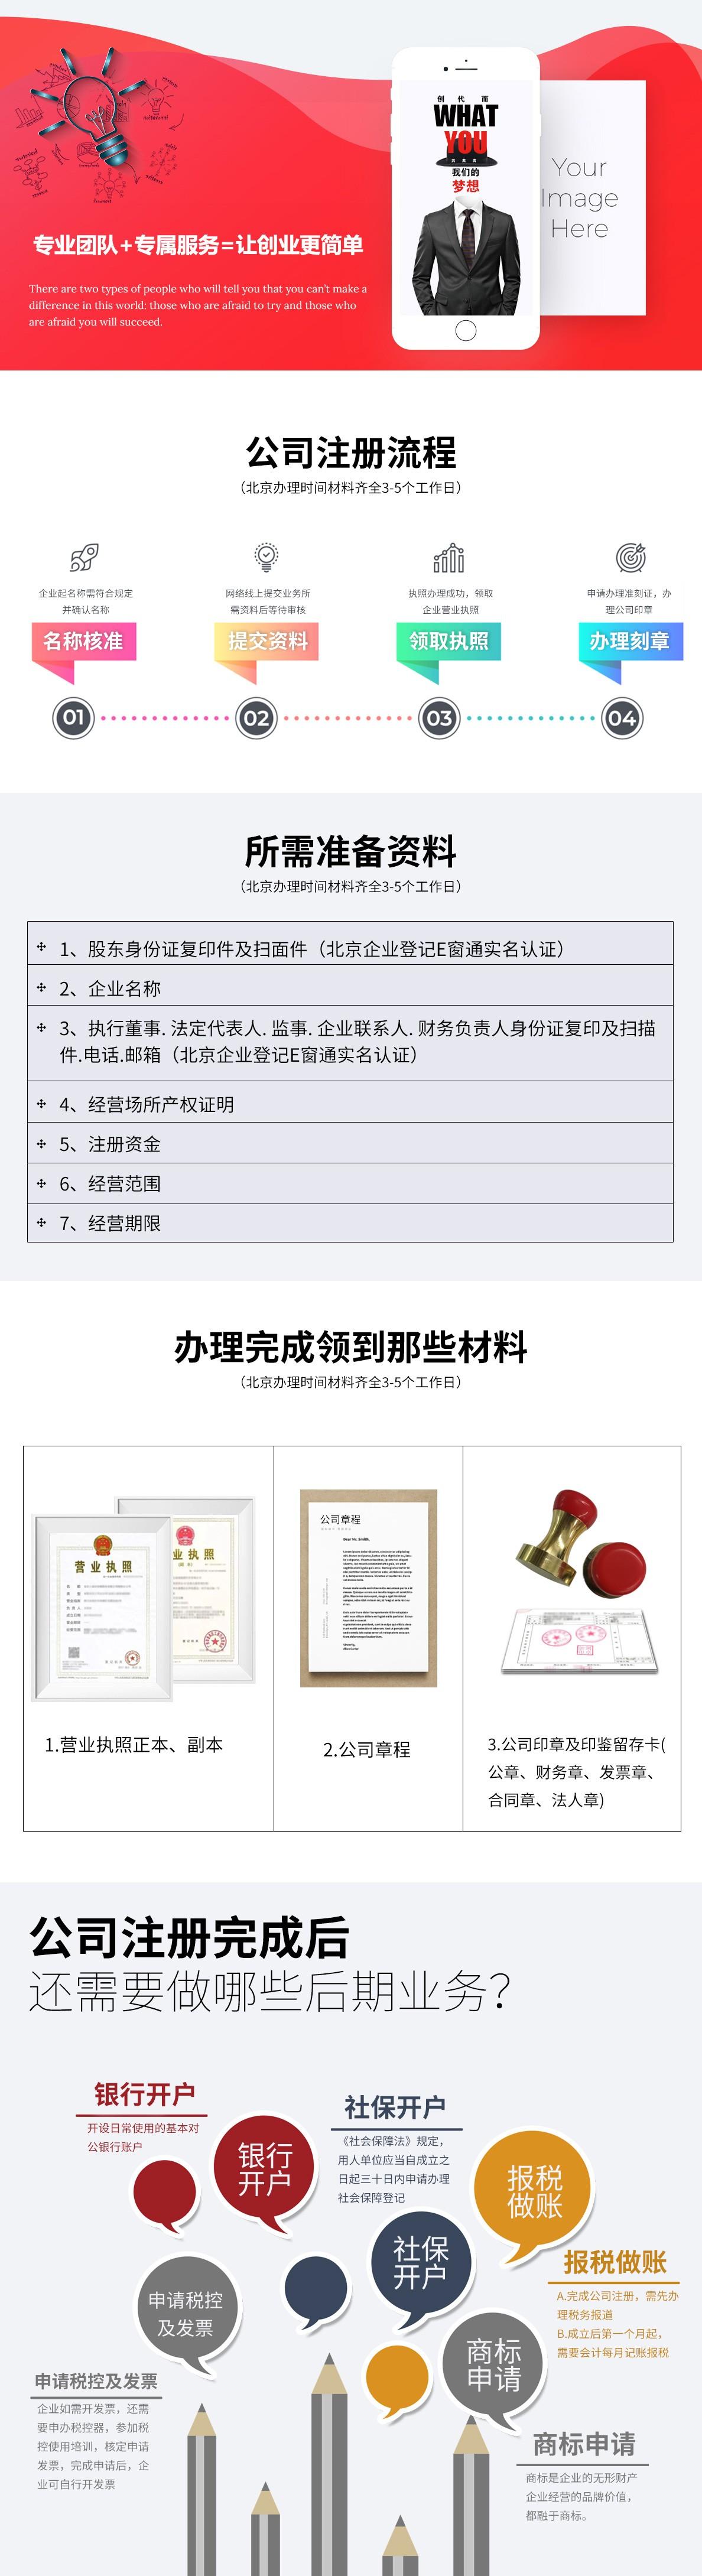 公司注册详情图.jpg